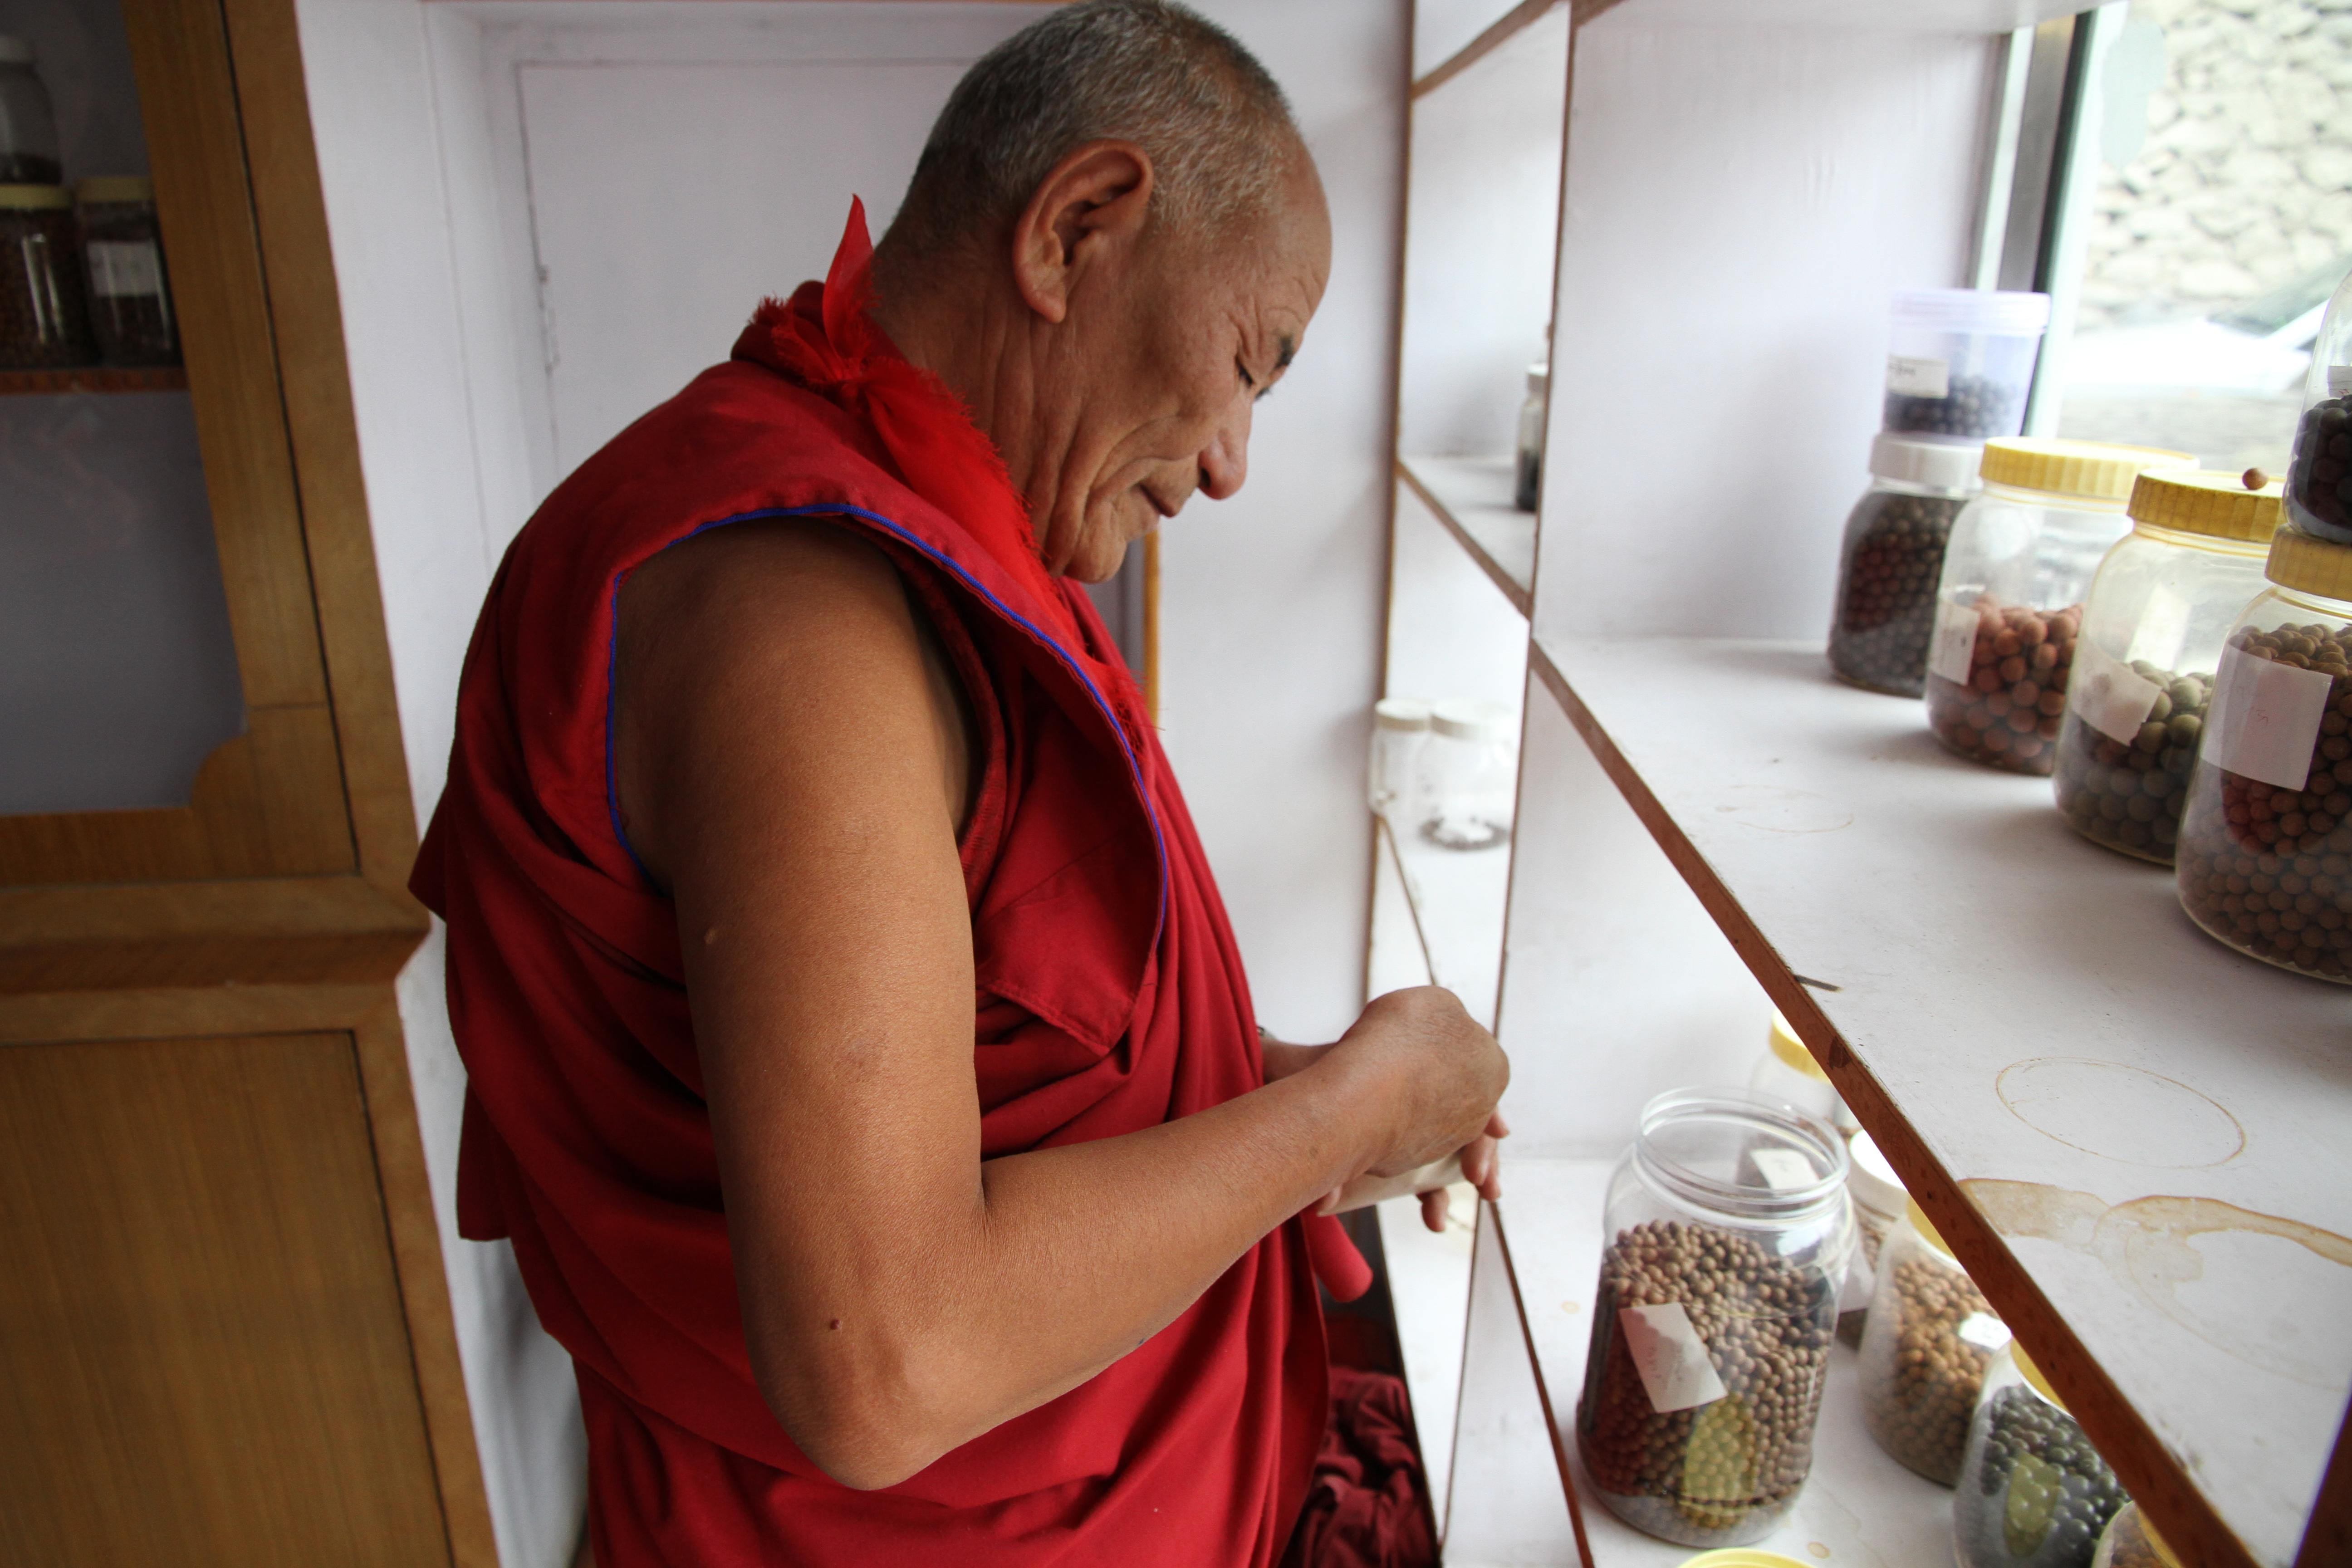 Mönche, Reisen, Reisefeder, Travelblog, Blogger, Indien, Ladakh, Klöster, Nordindien, Himalaya, Mönch